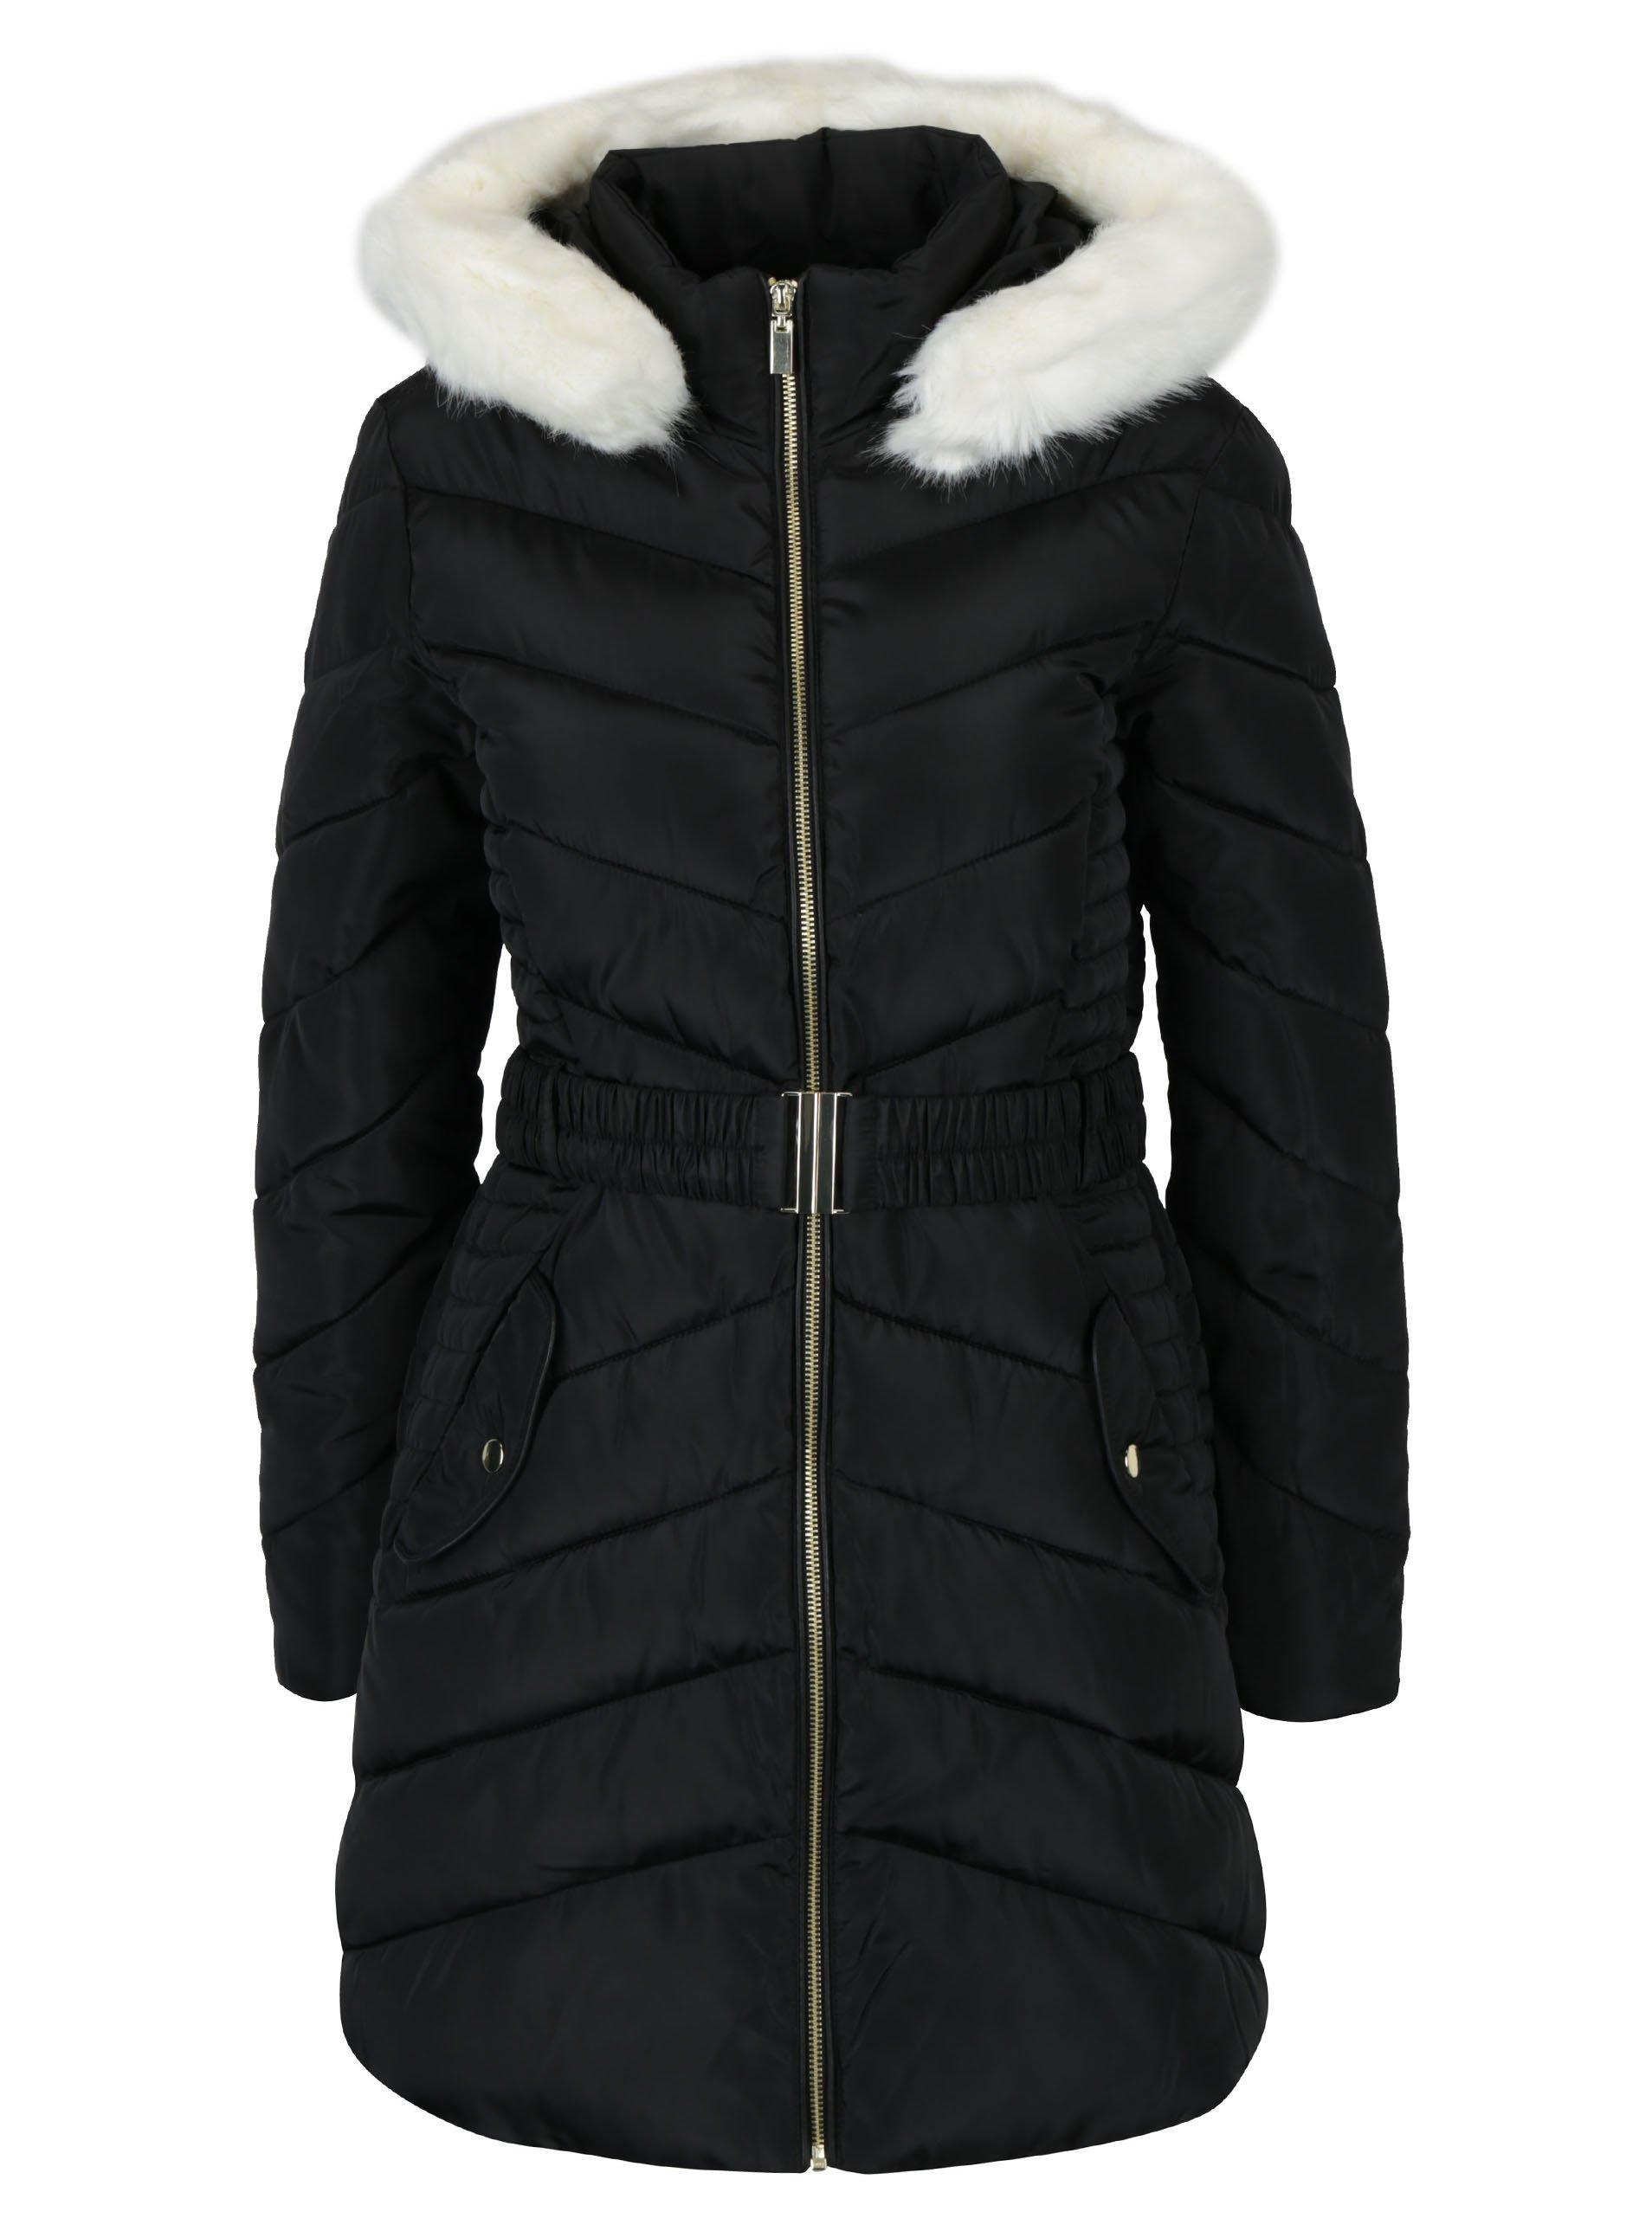 Čierny prešívaný kabát s kapucňou Dorothy Perkins  702be1231b9